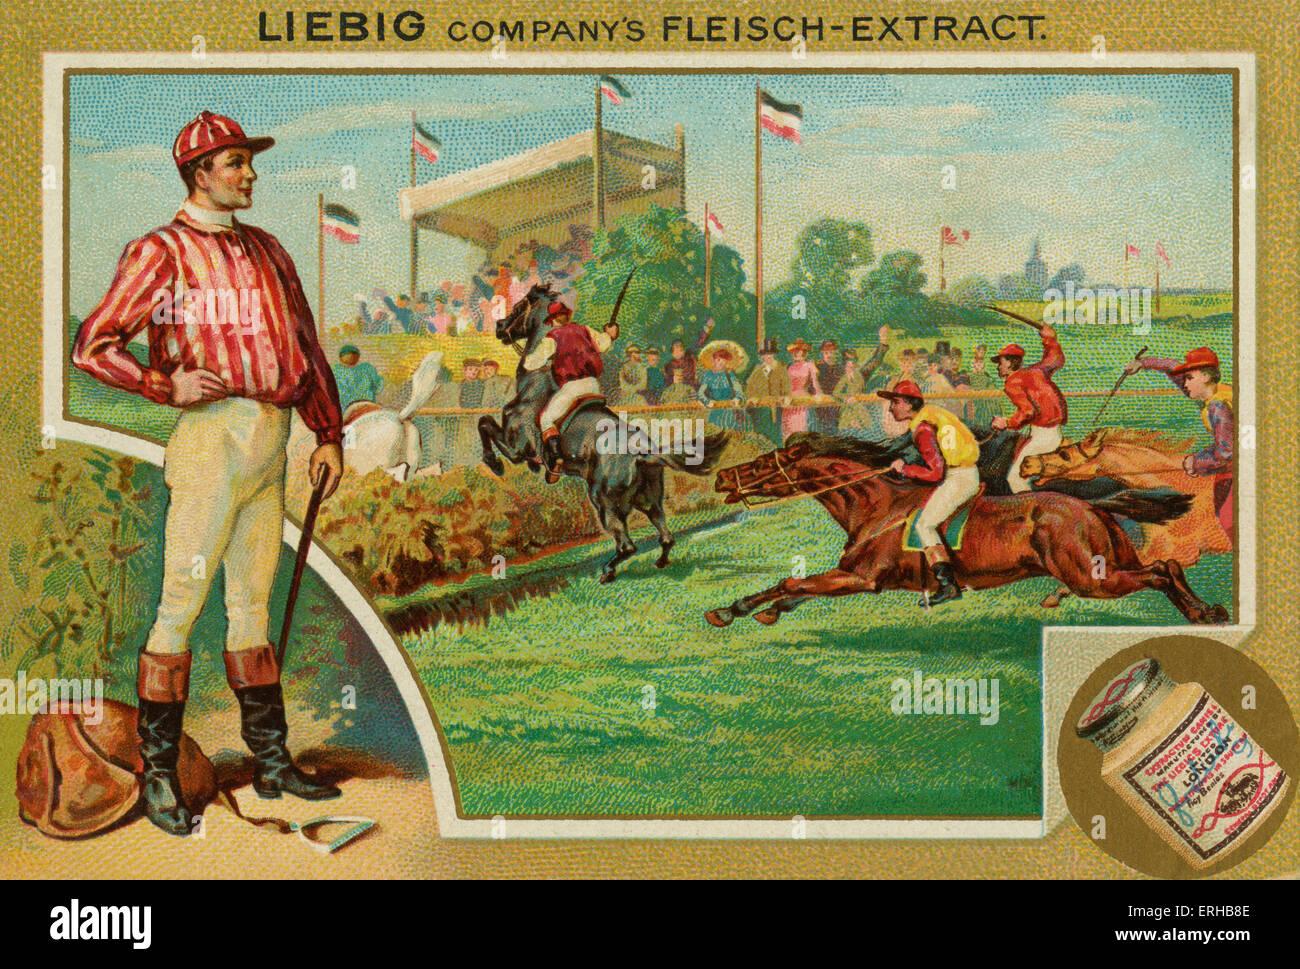 Les courses de chevaux. Carte Liebig, Sports, 1896. Banque D'Images